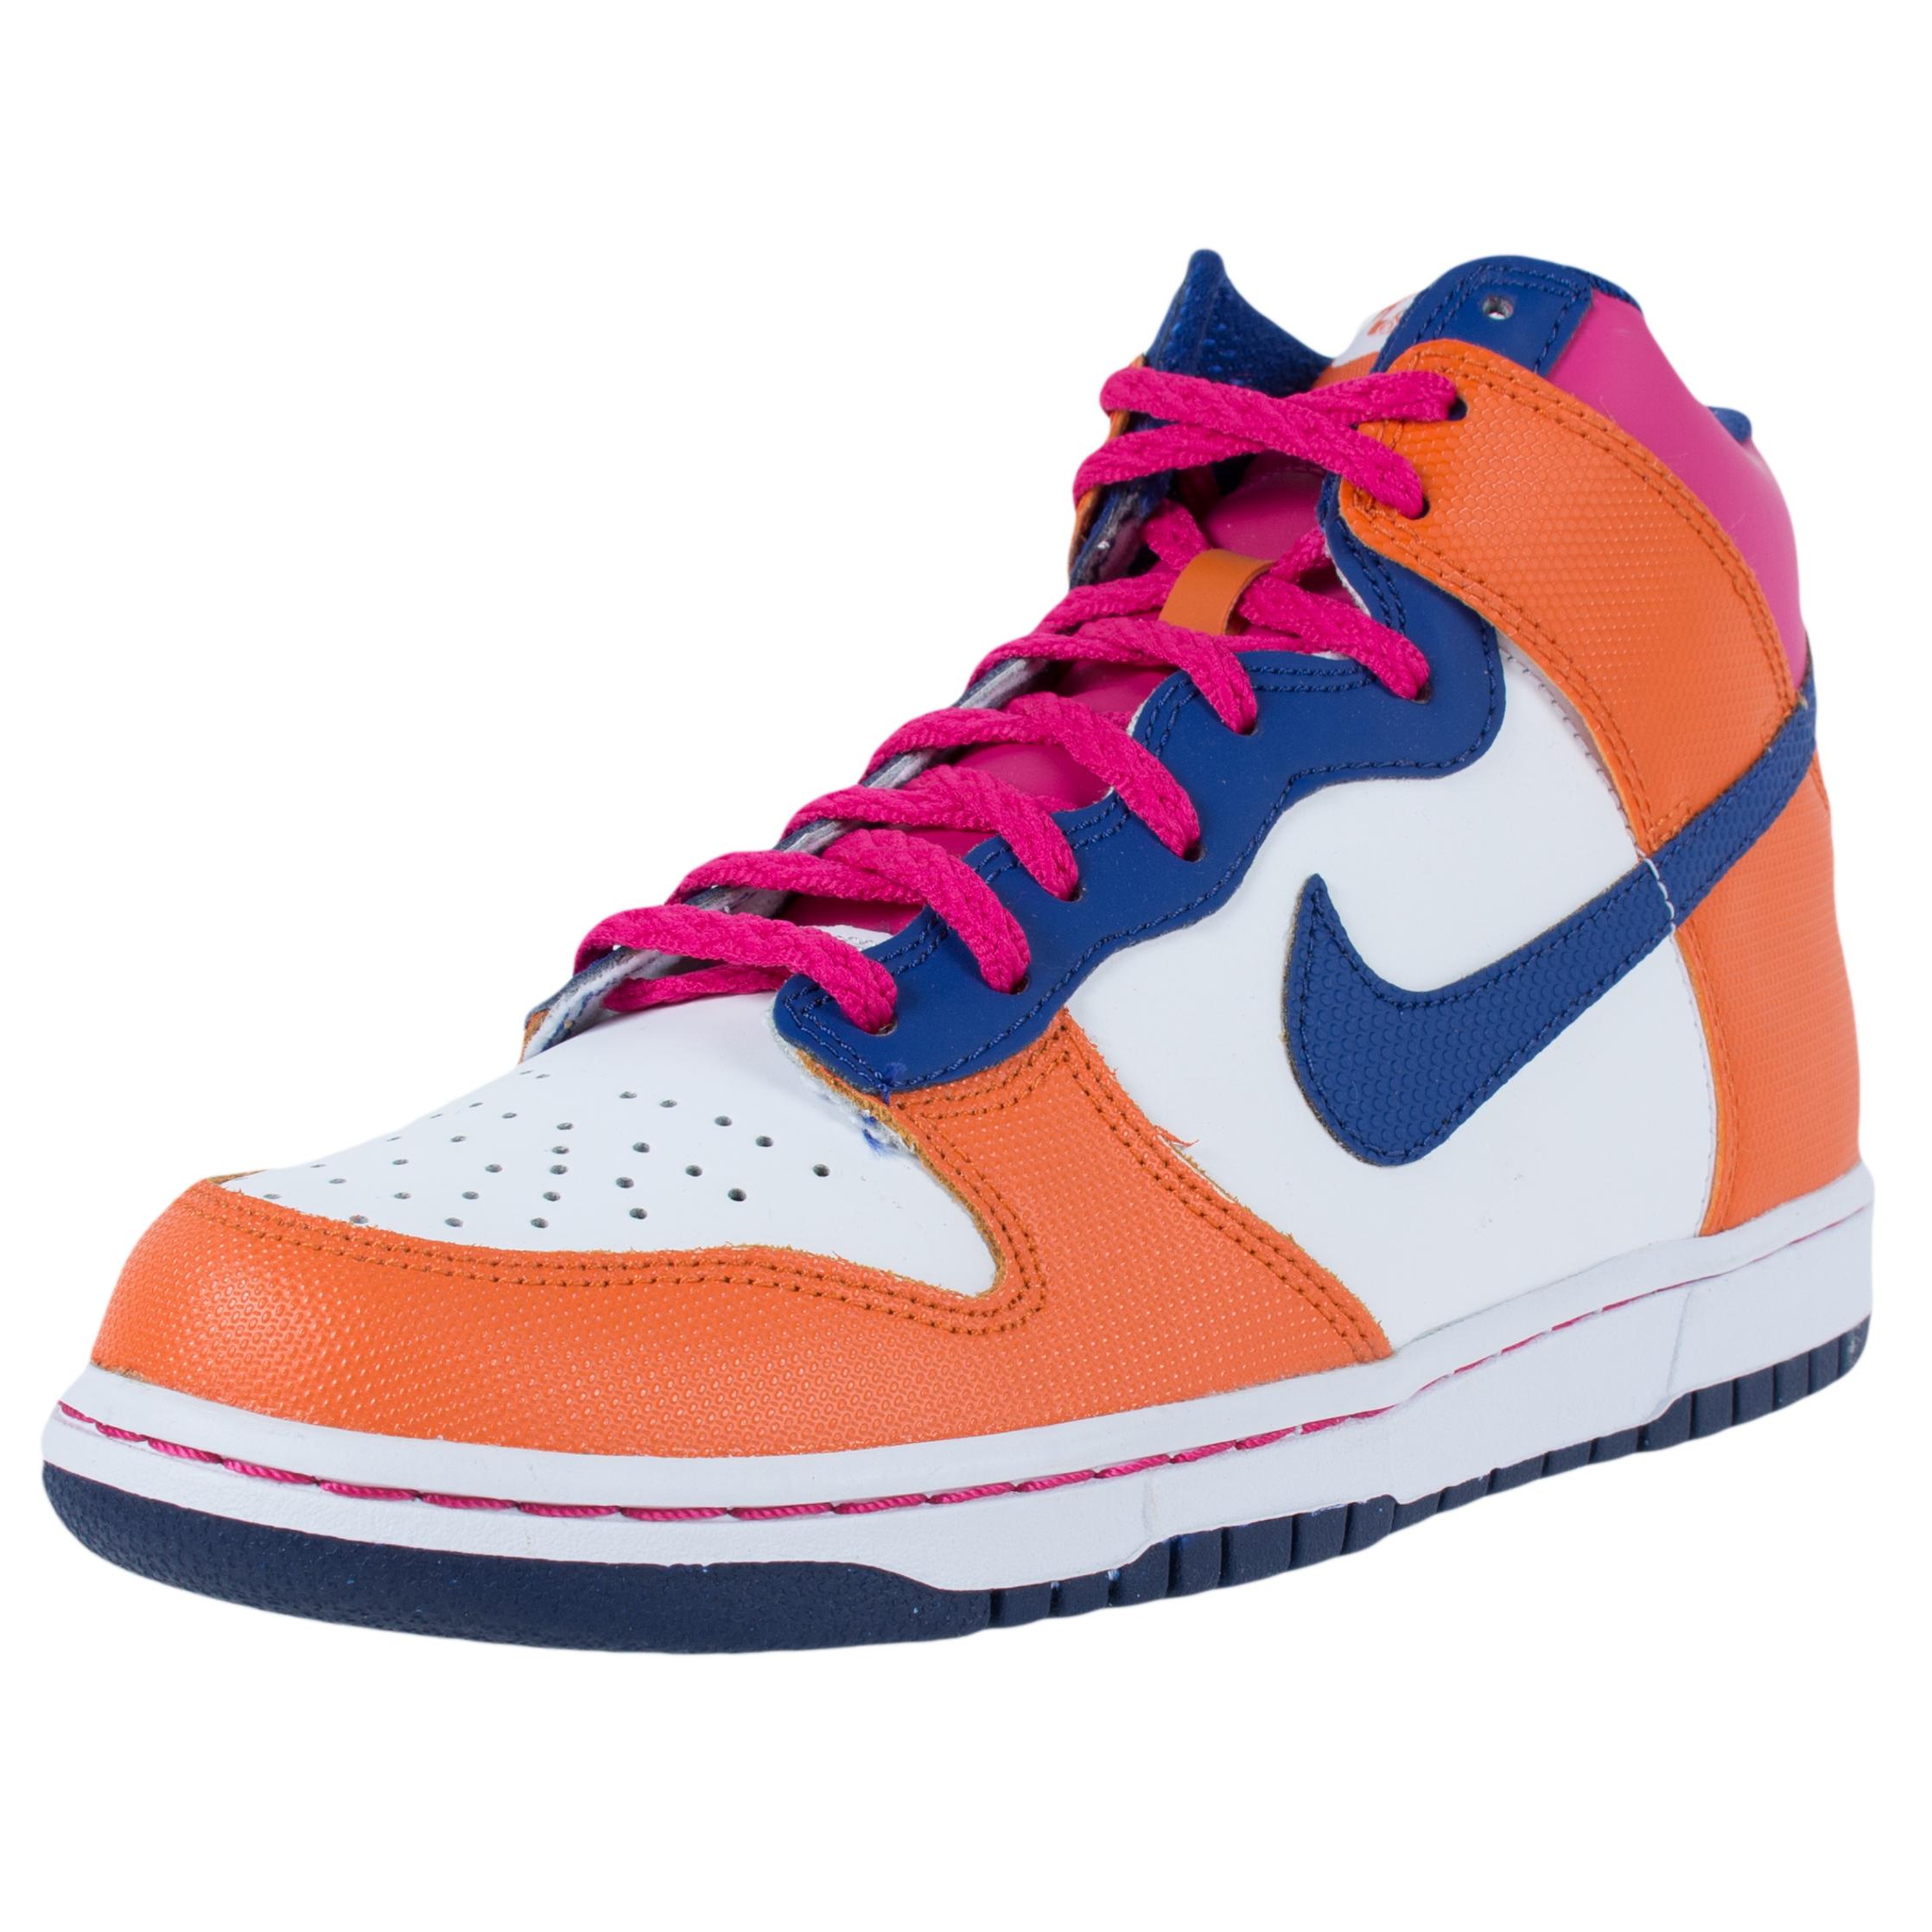 nike girls dunk high gs basketball shoes fireberry deep